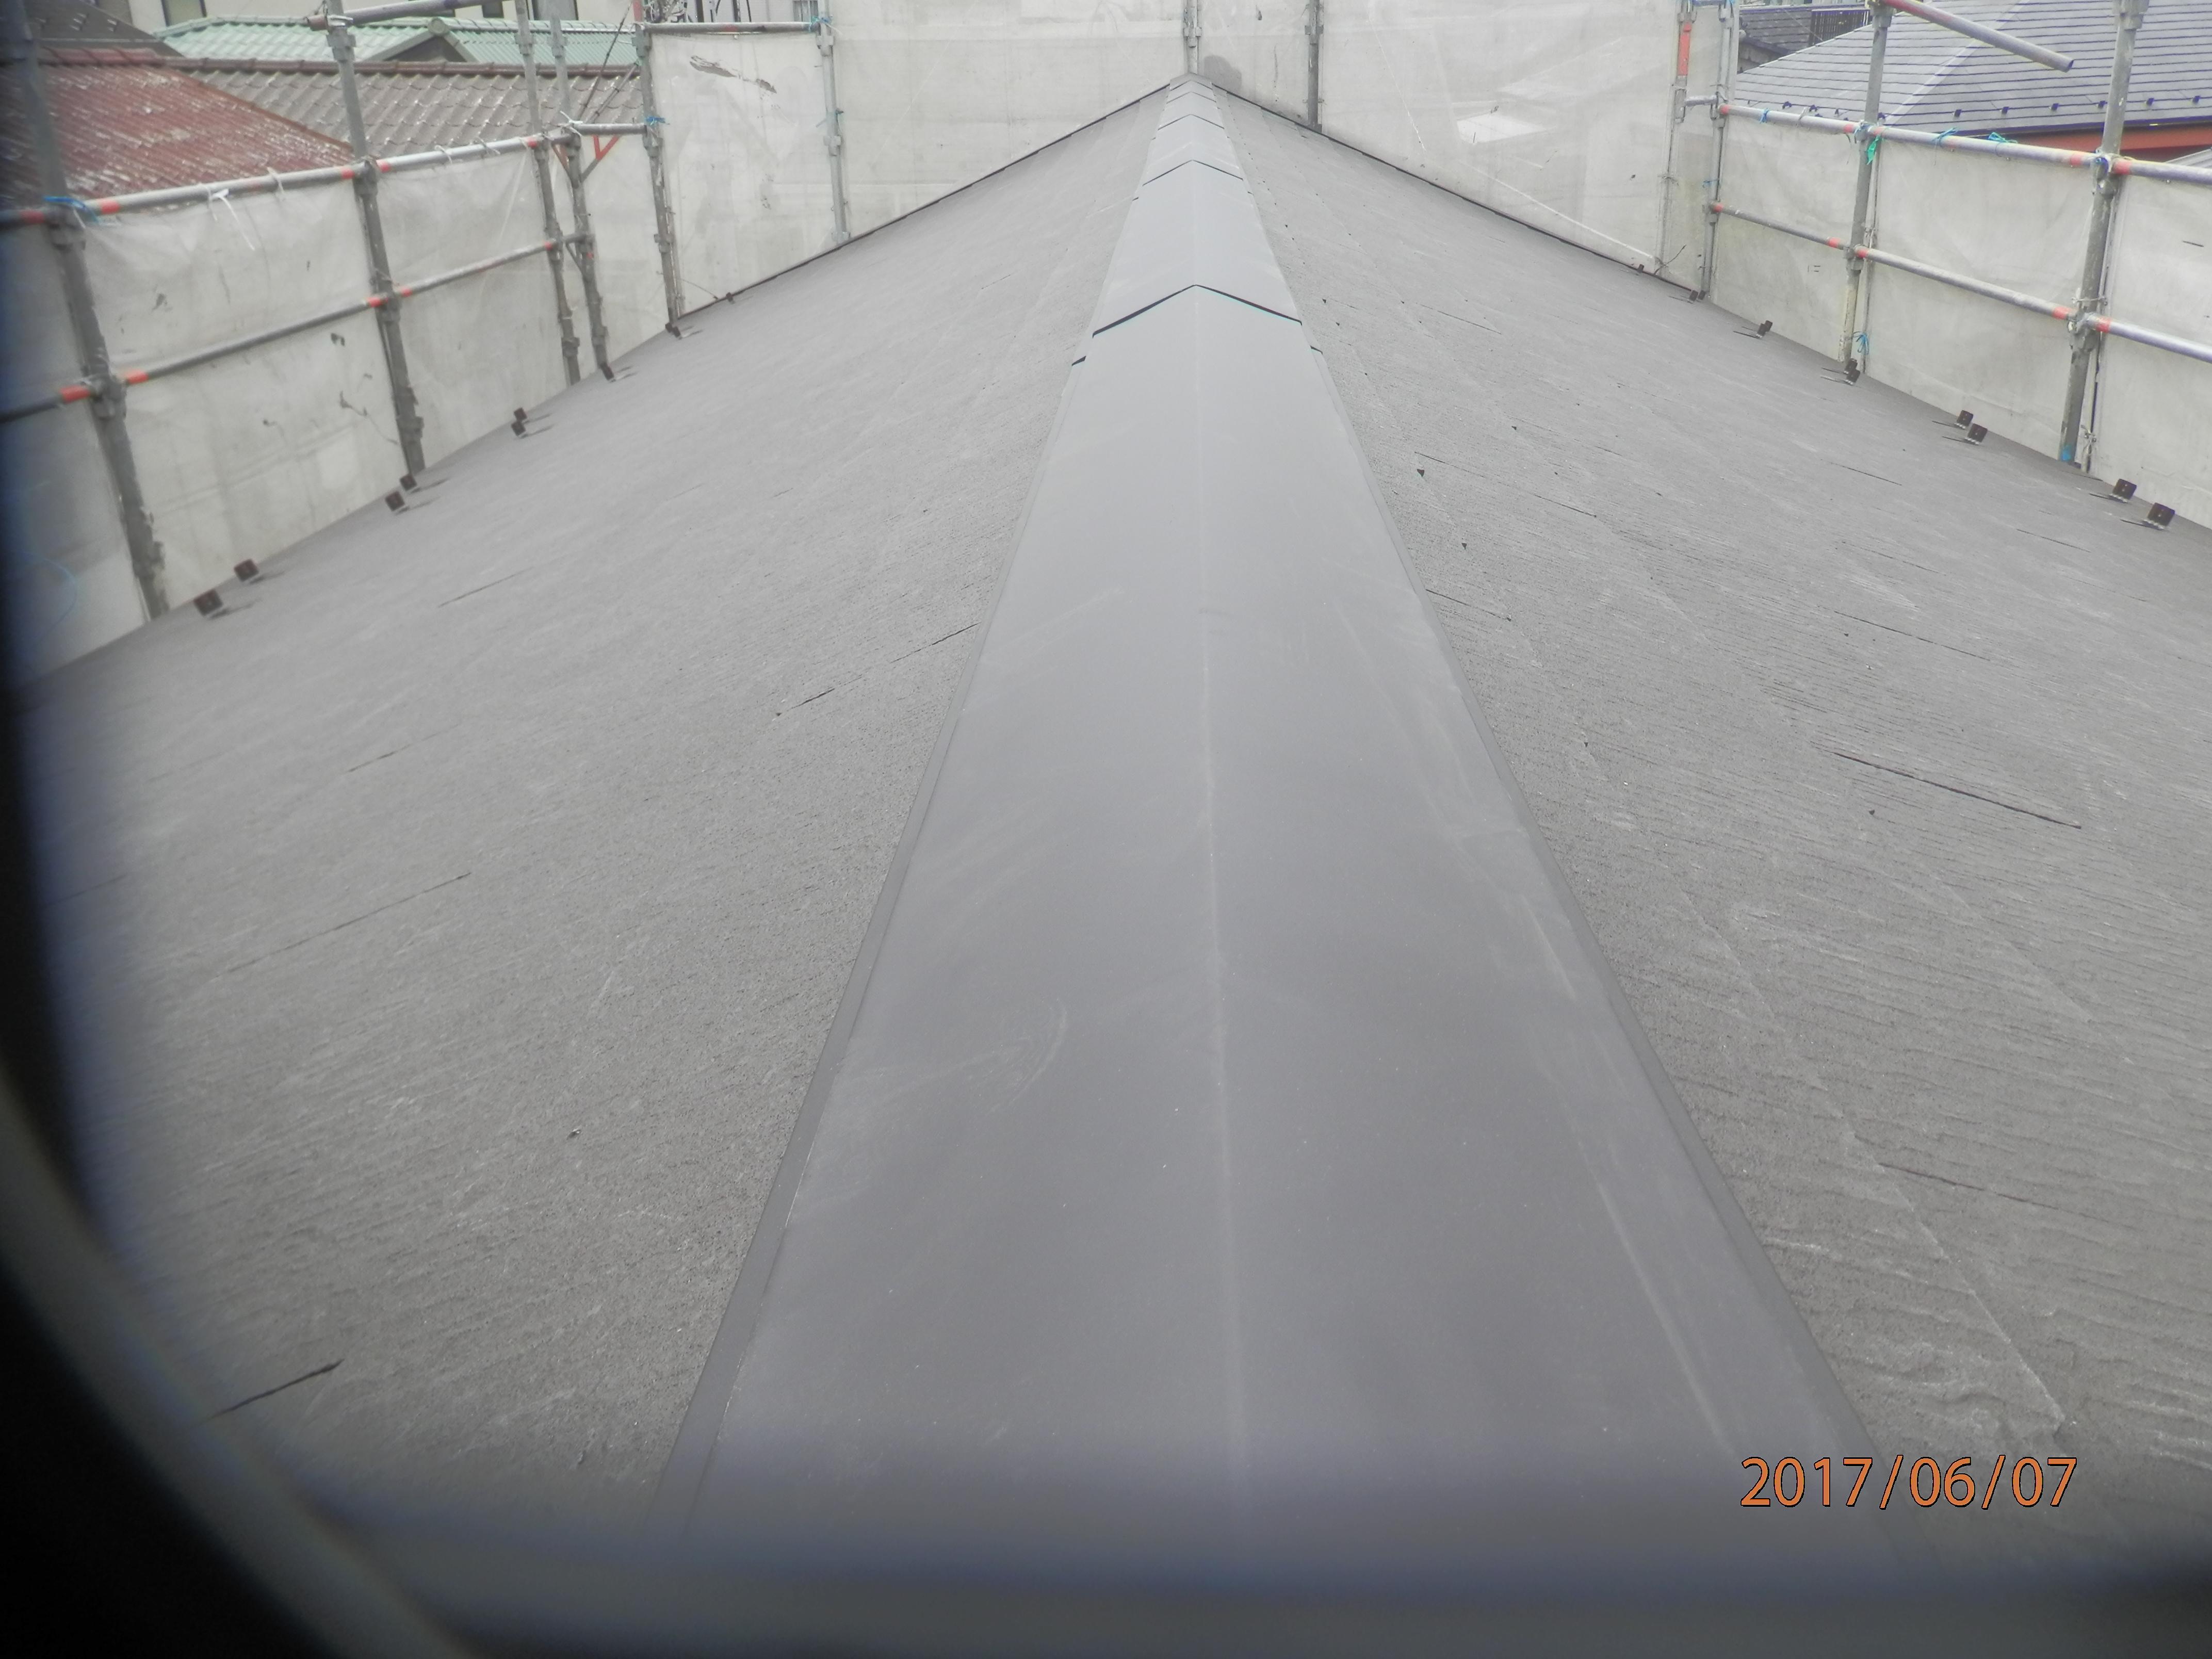 屋根を葺き替えて雨漏りの心配も解消しました